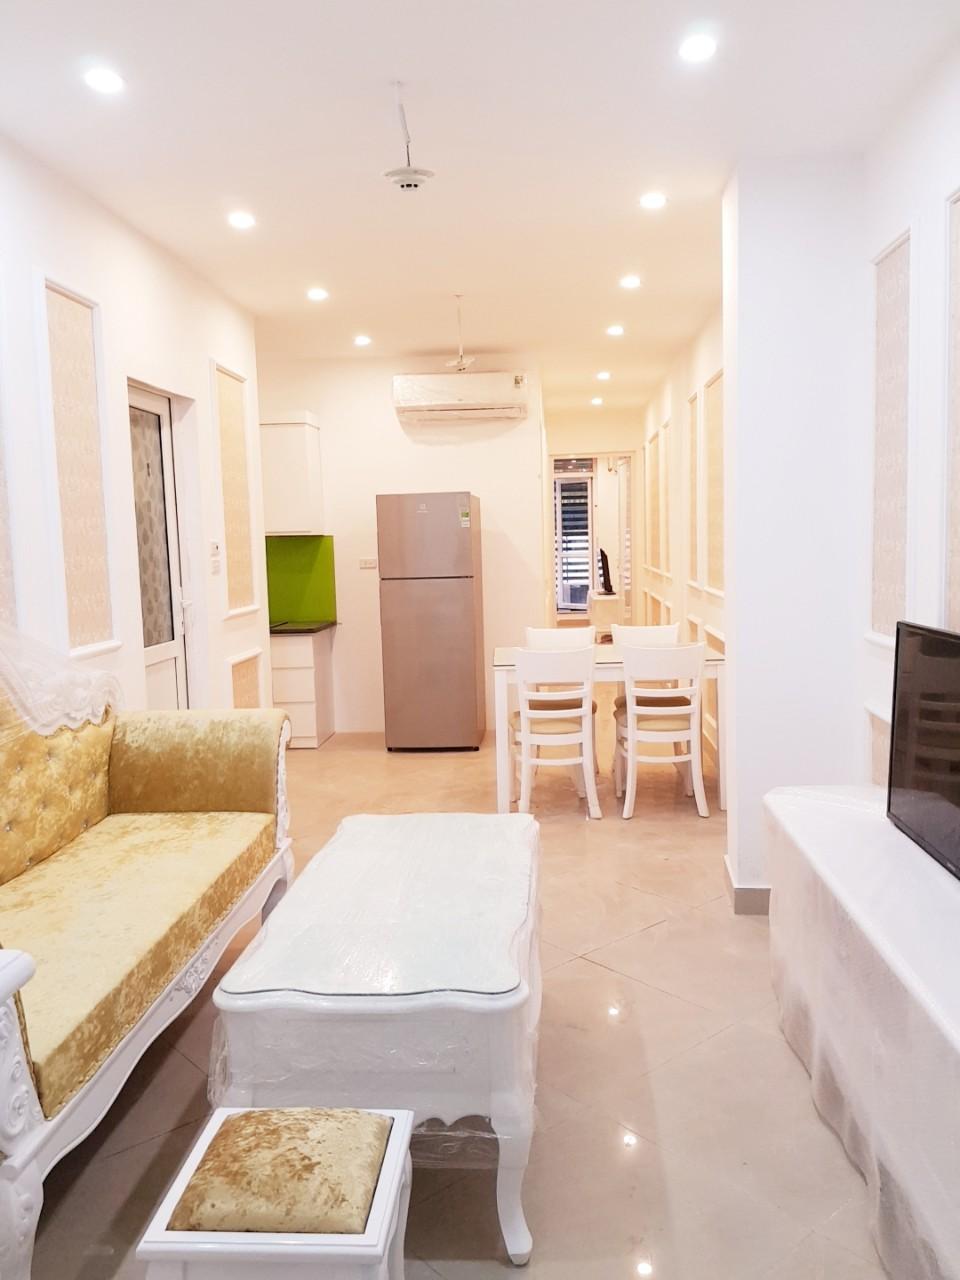 Cho thuê căn hộ 2 phòng ngủ tại Tôn Đức Thắng, Đống Đa